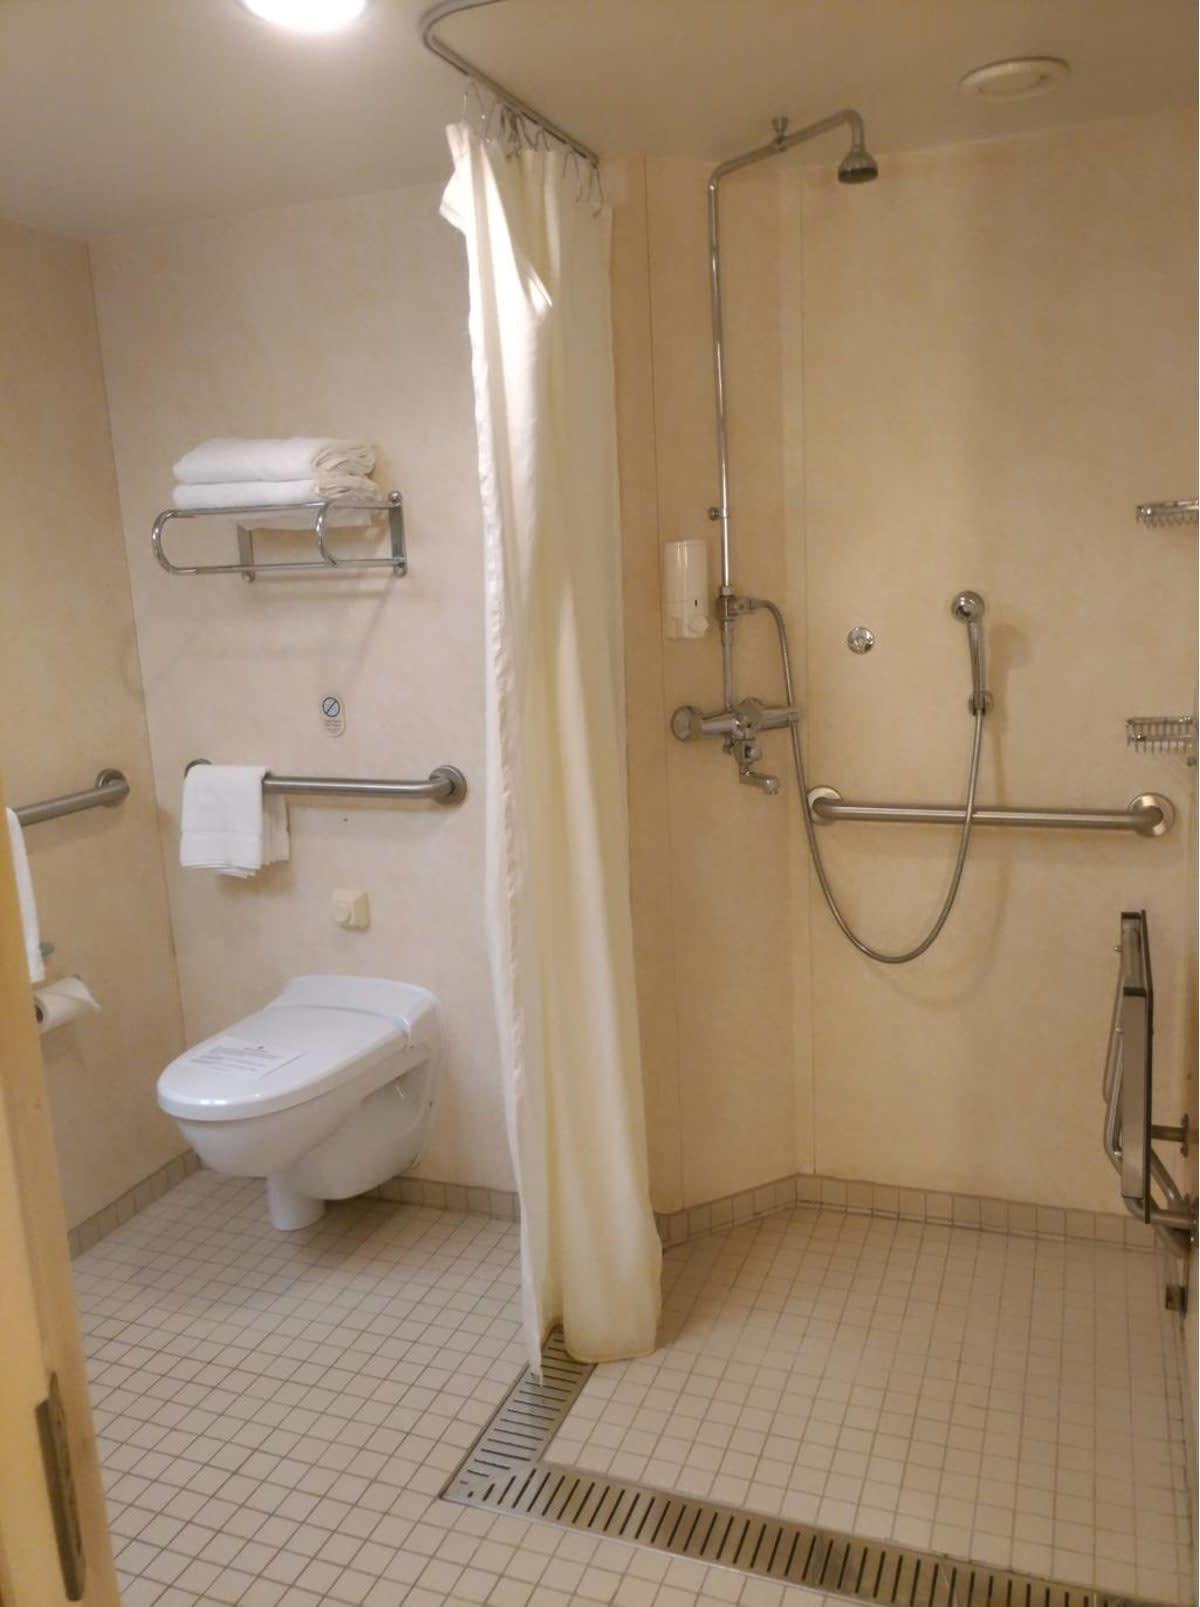 車椅子のまま入れる広さのトイレやシャワー。シャワーの右の壁に椅子が折りたたまれてます。広げると座ってシャワーが利用できます。